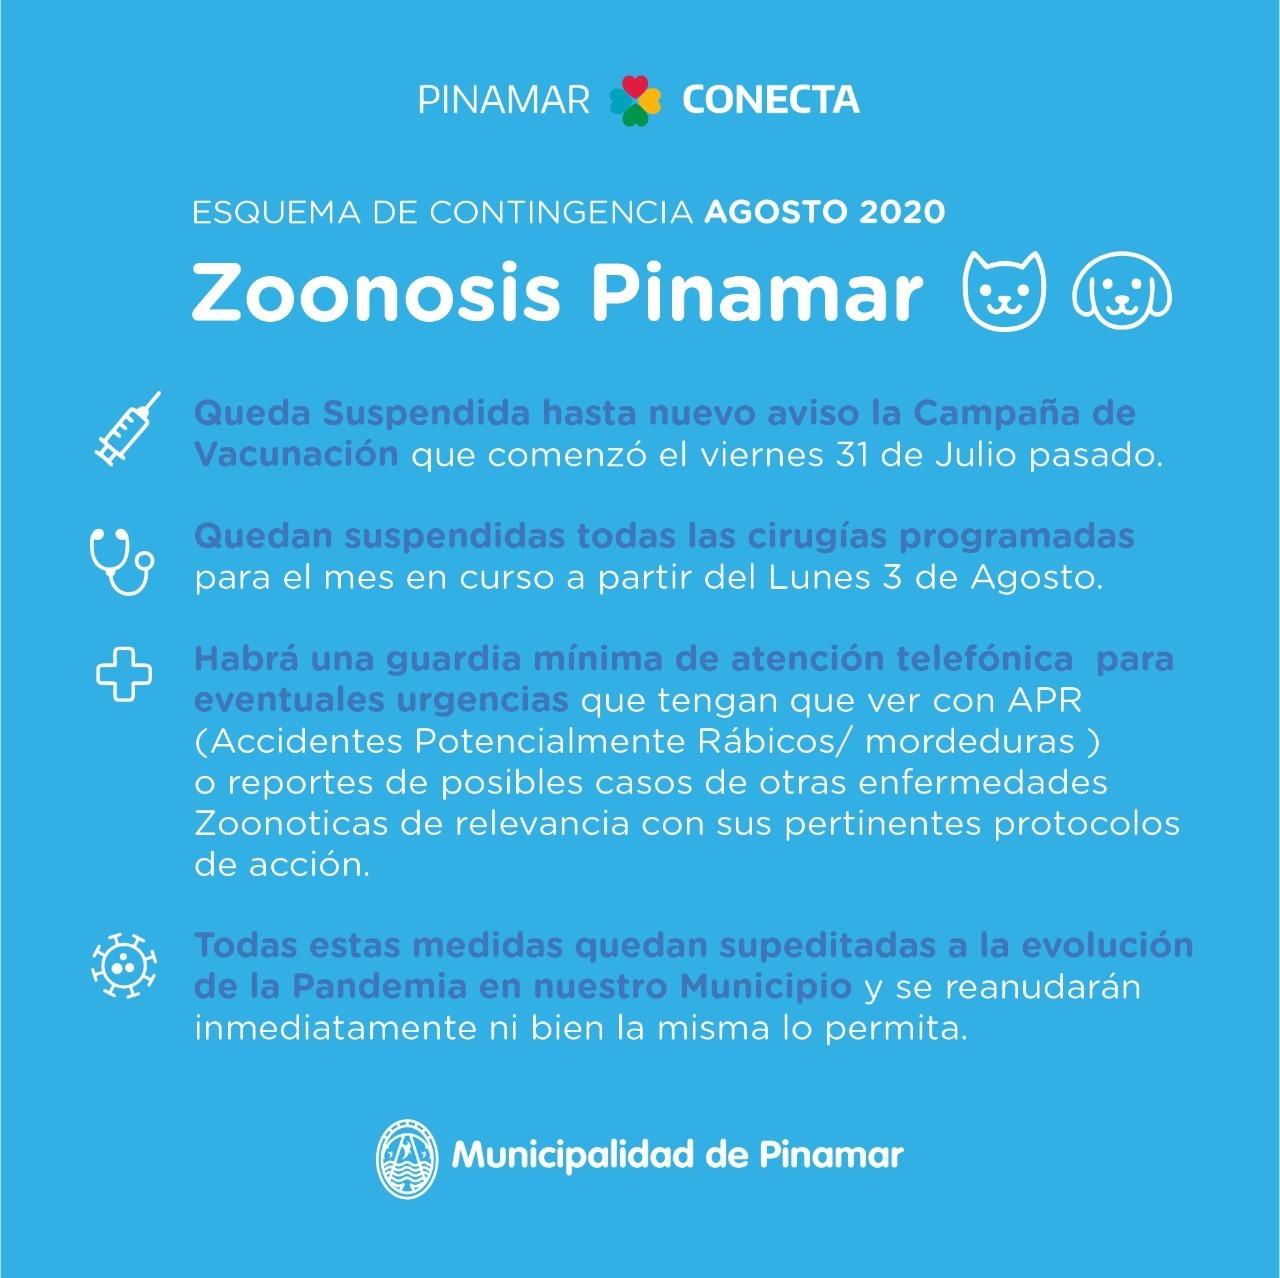 Zoonosis Pinamar